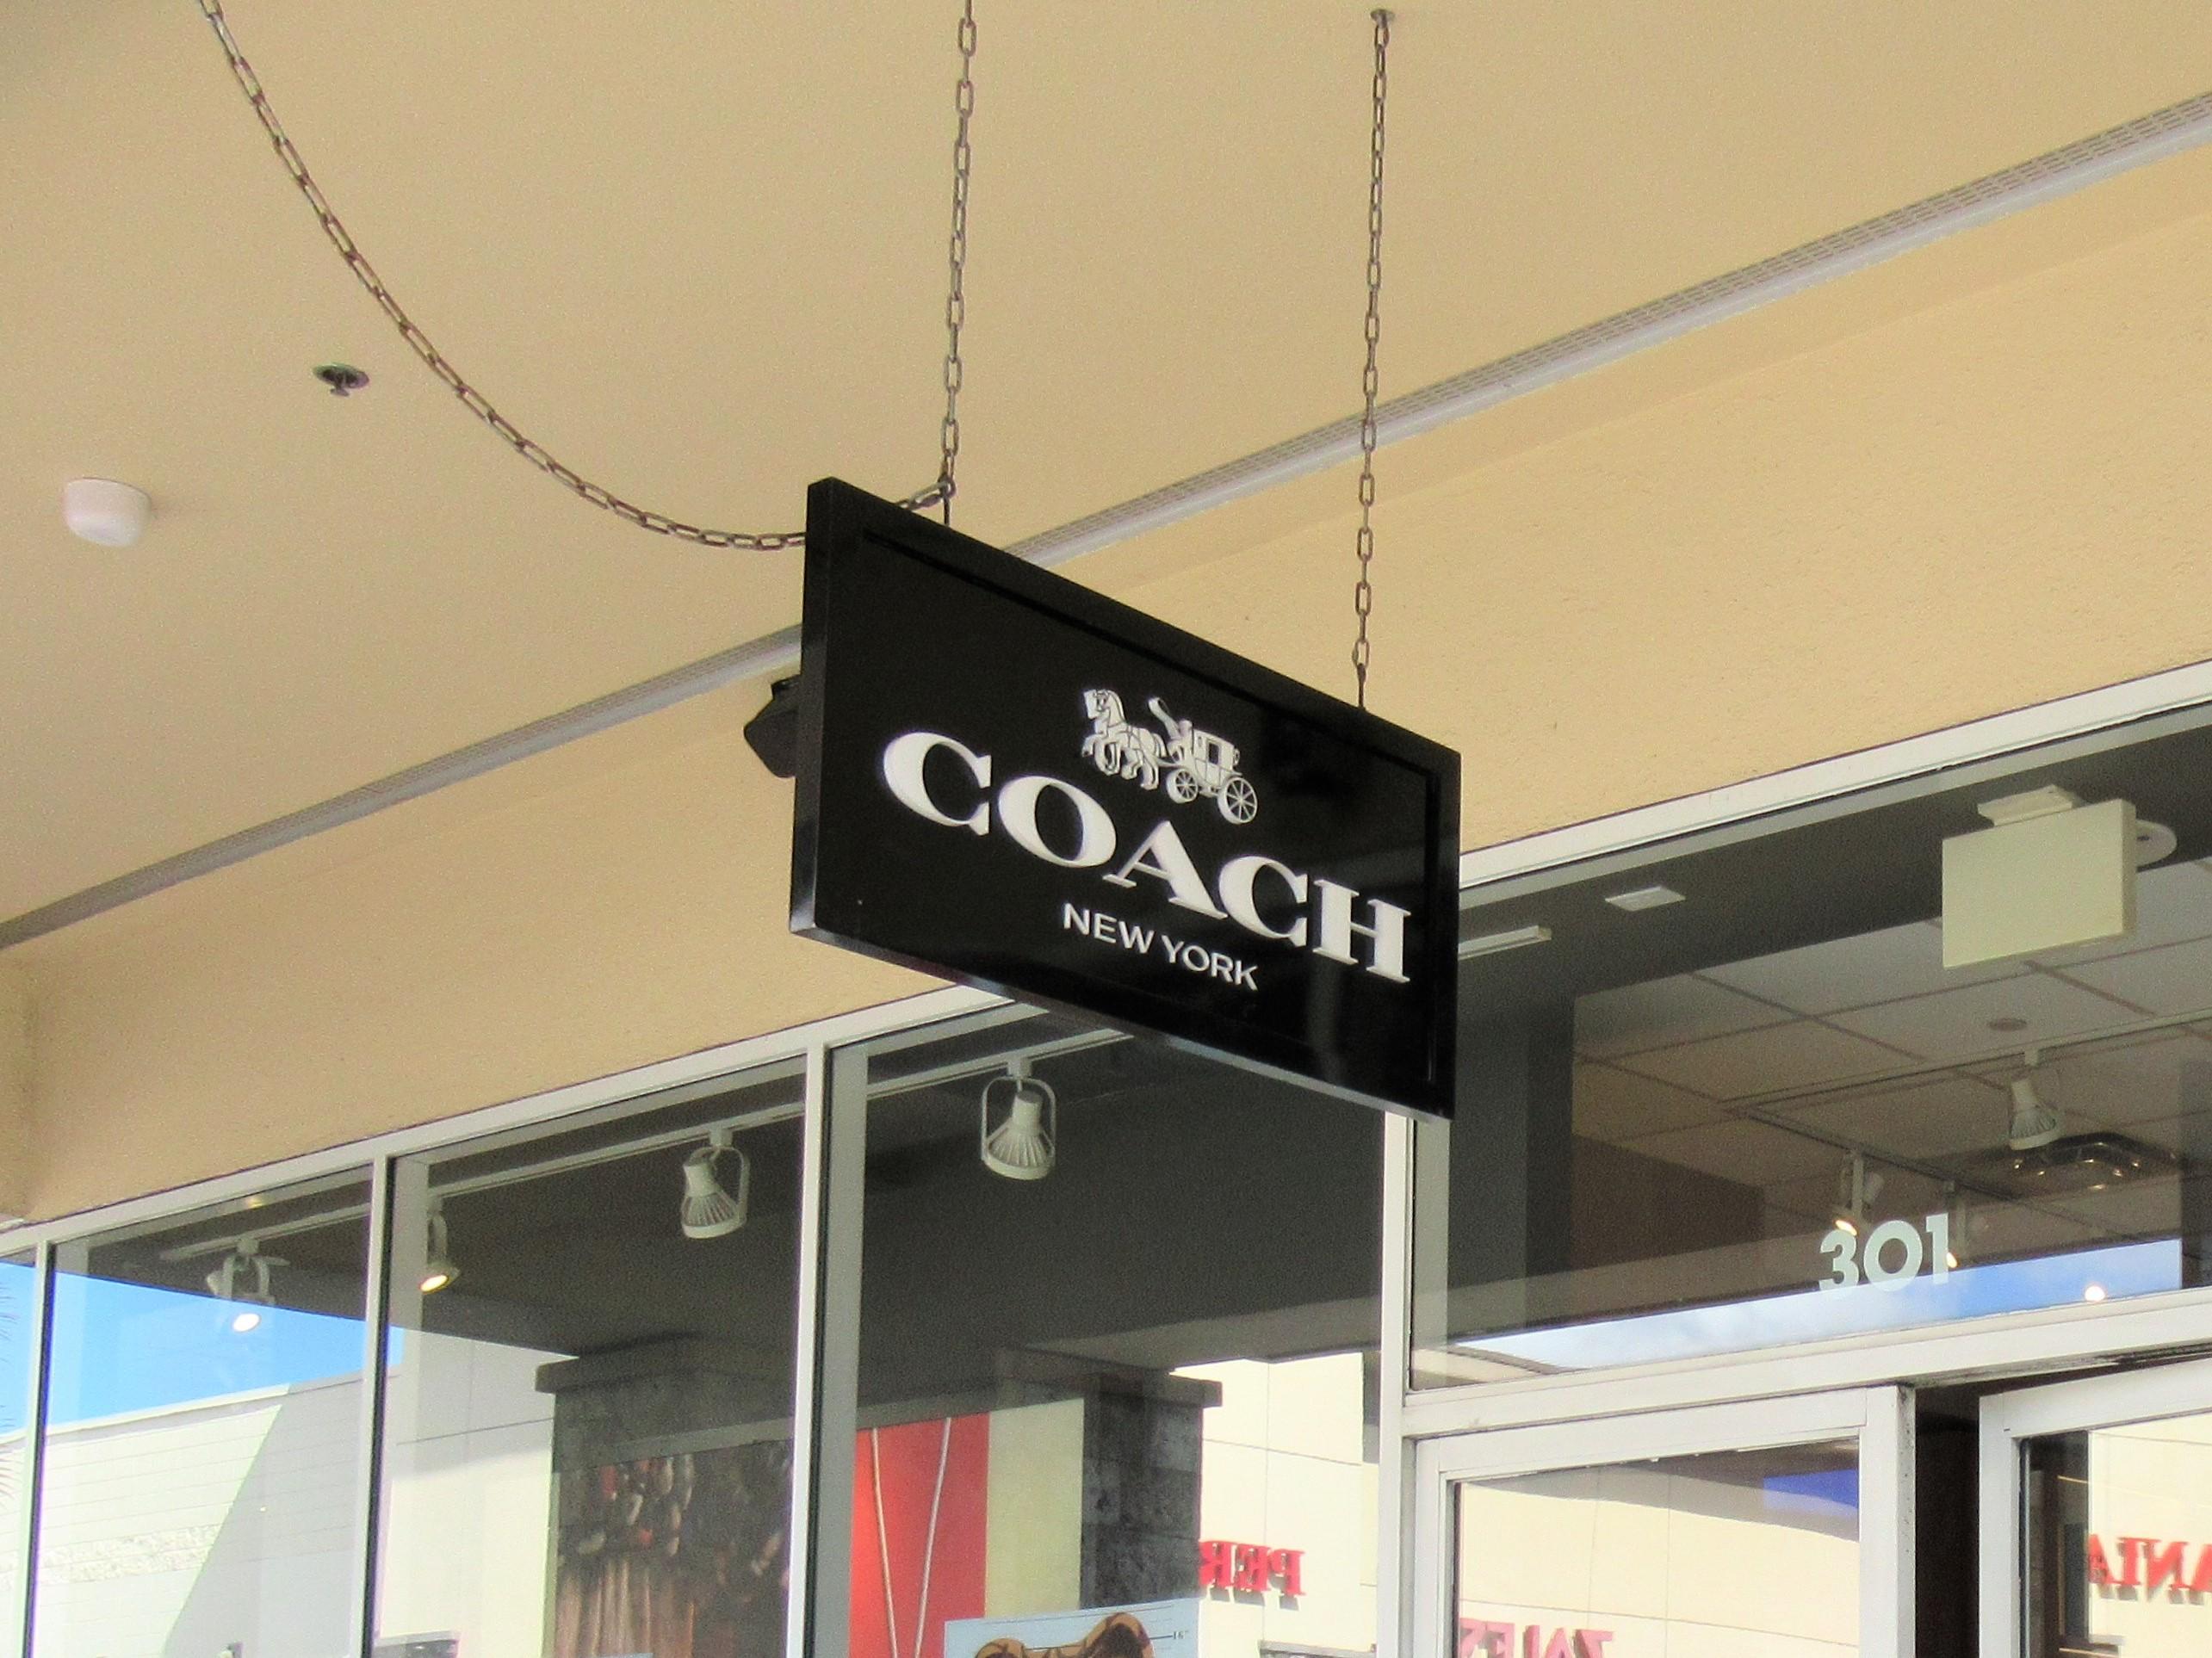 ハワイでコーチ☆2019年はアウトレットで財布3つをまとめ買い|子連れブログ旅